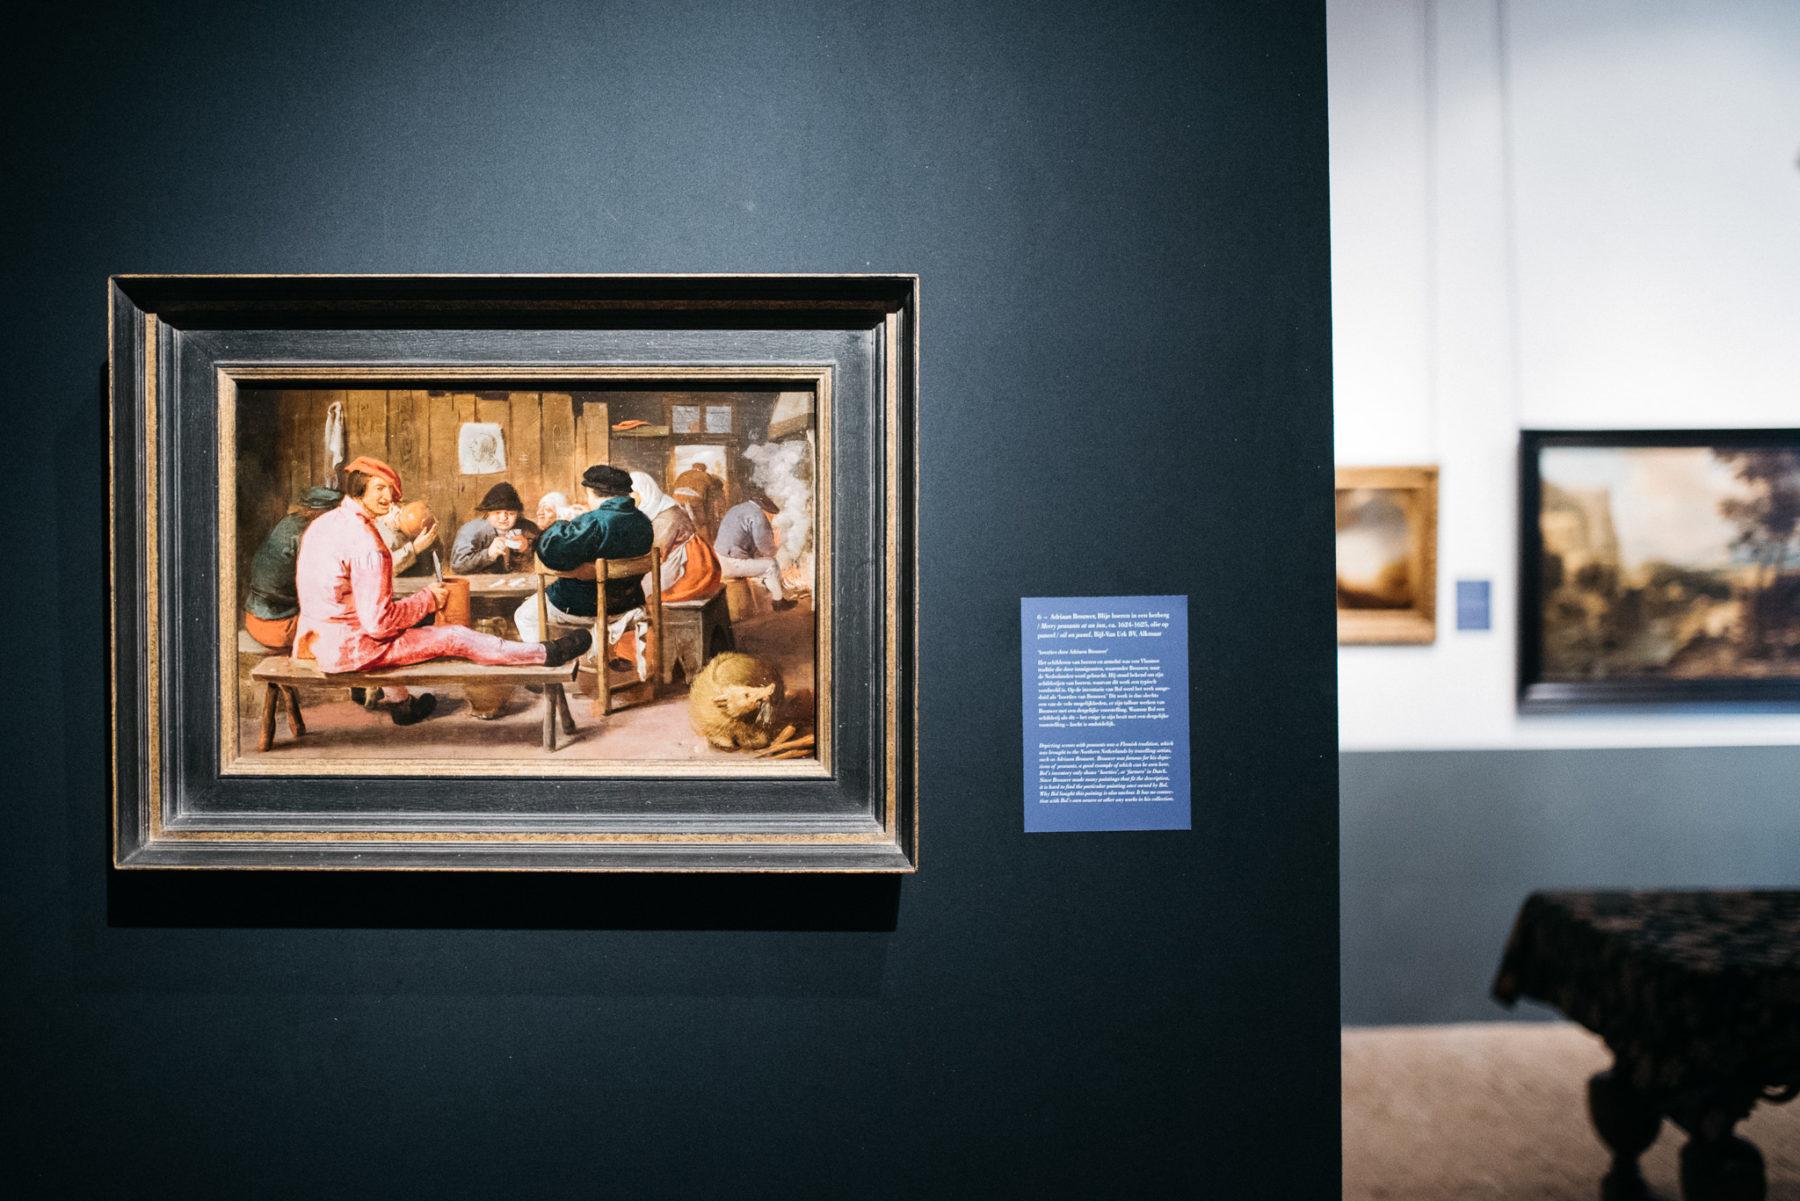 Ferdinand Bol in Museum van Loon, Amsterdam